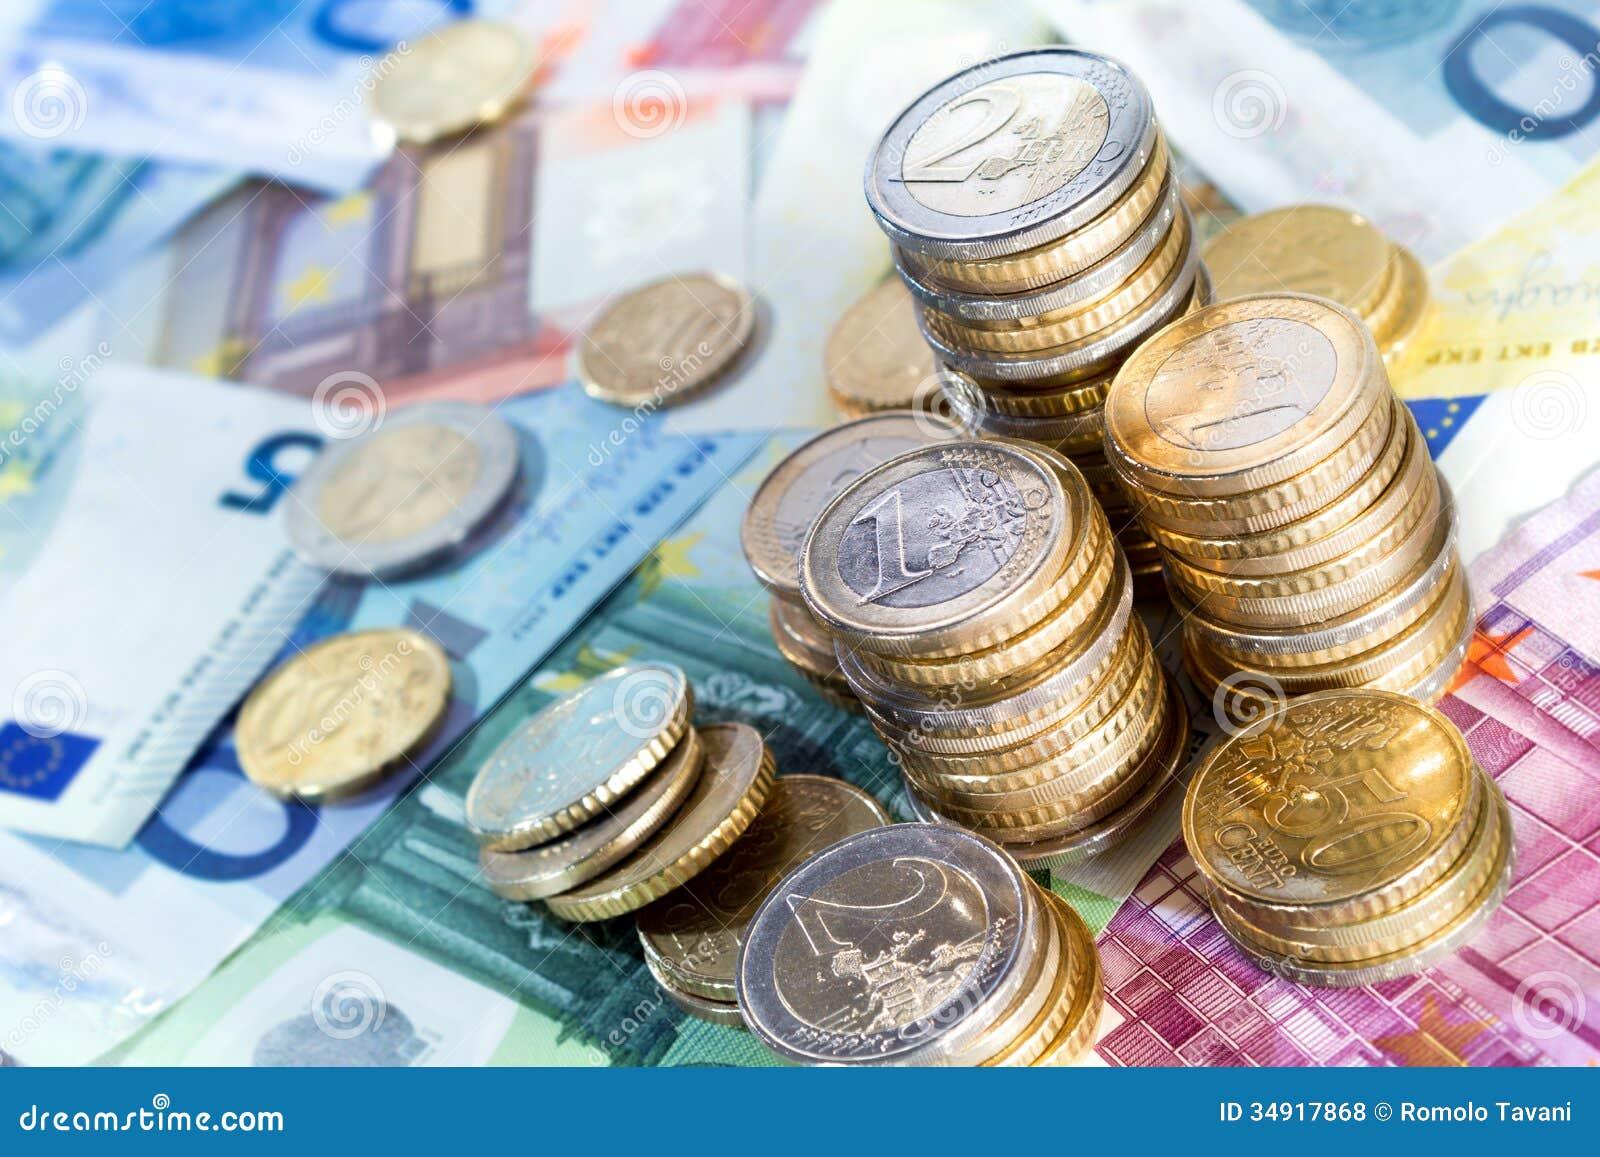 Pilas y cuentas euro del dinero